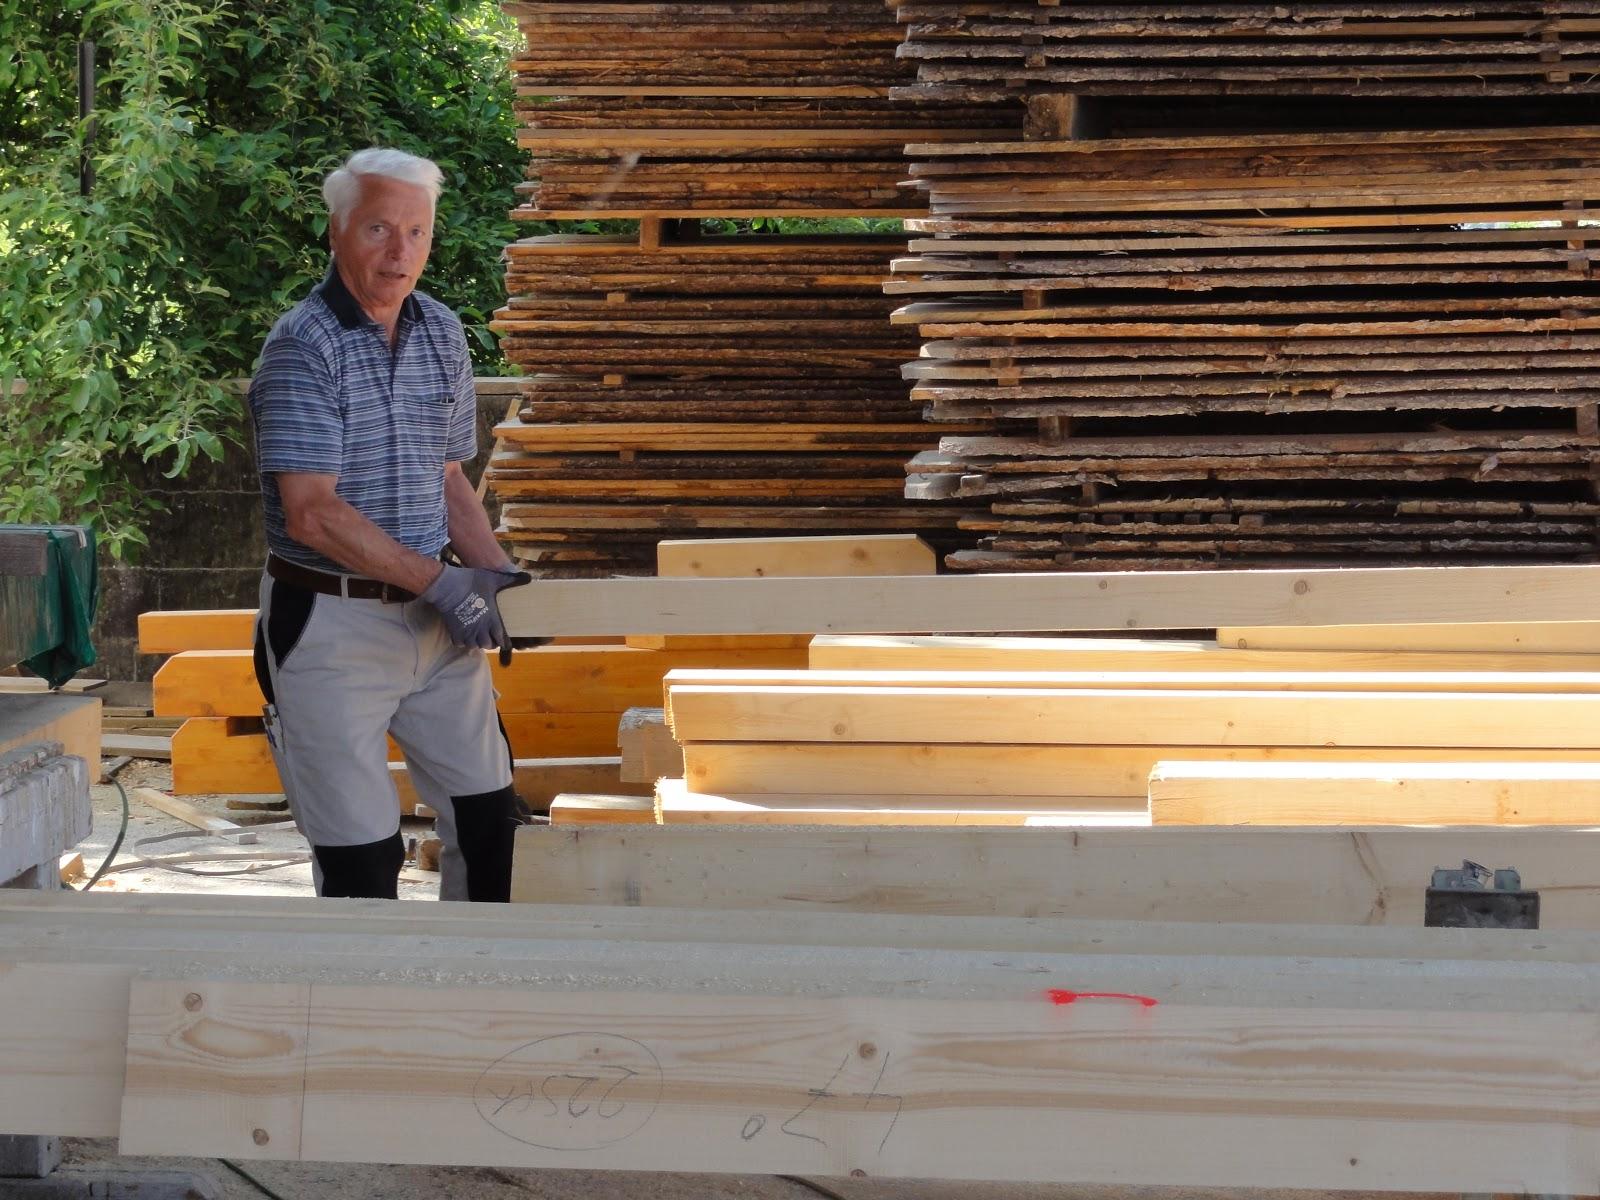 Wir bauen unseren Traum: Dachstuhl streichen